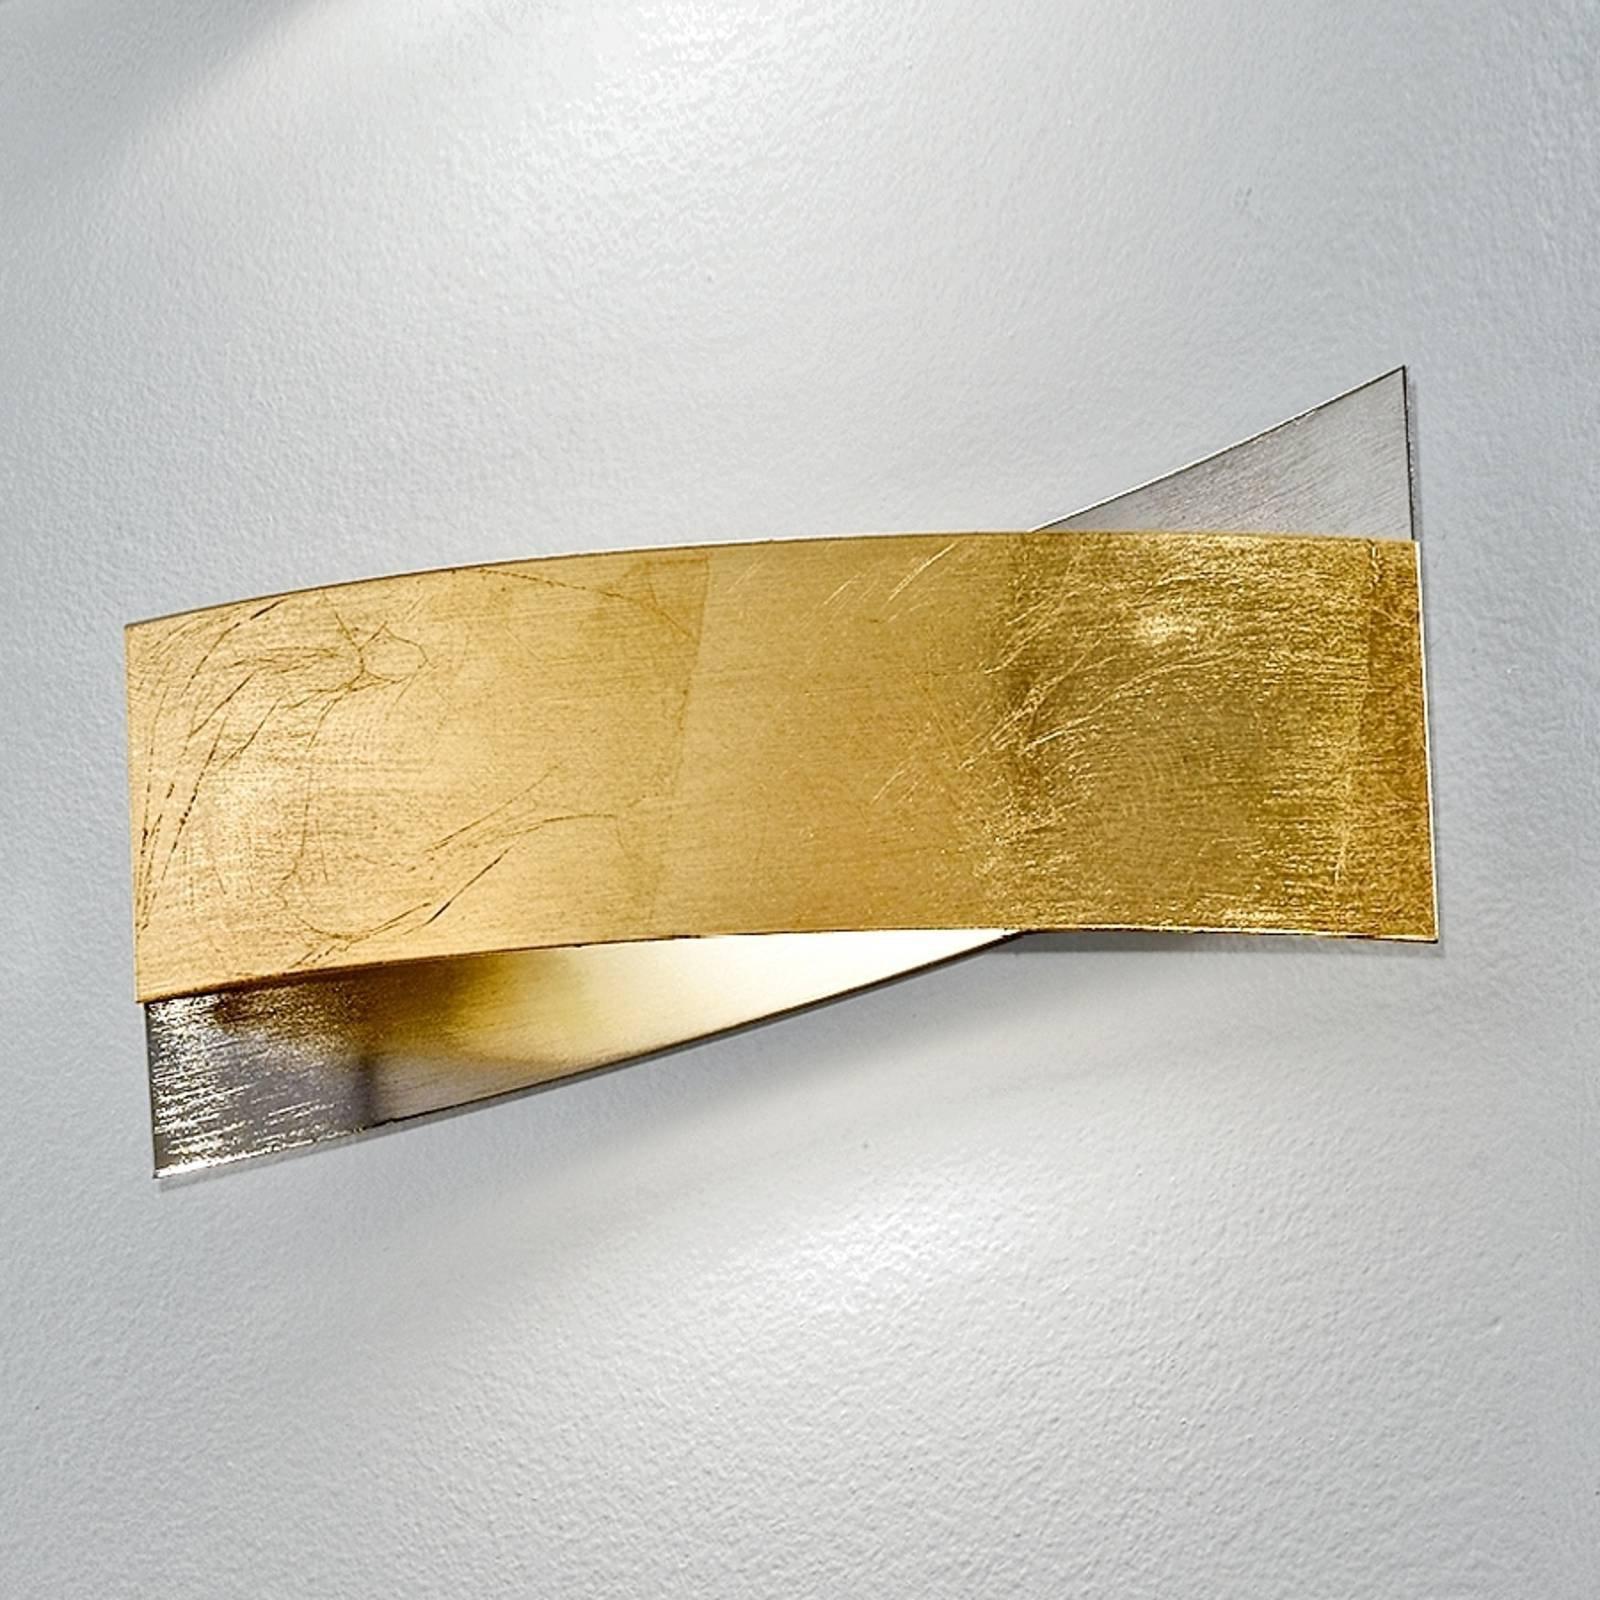 Meget vakker ARLESTRA vegglampe i gull